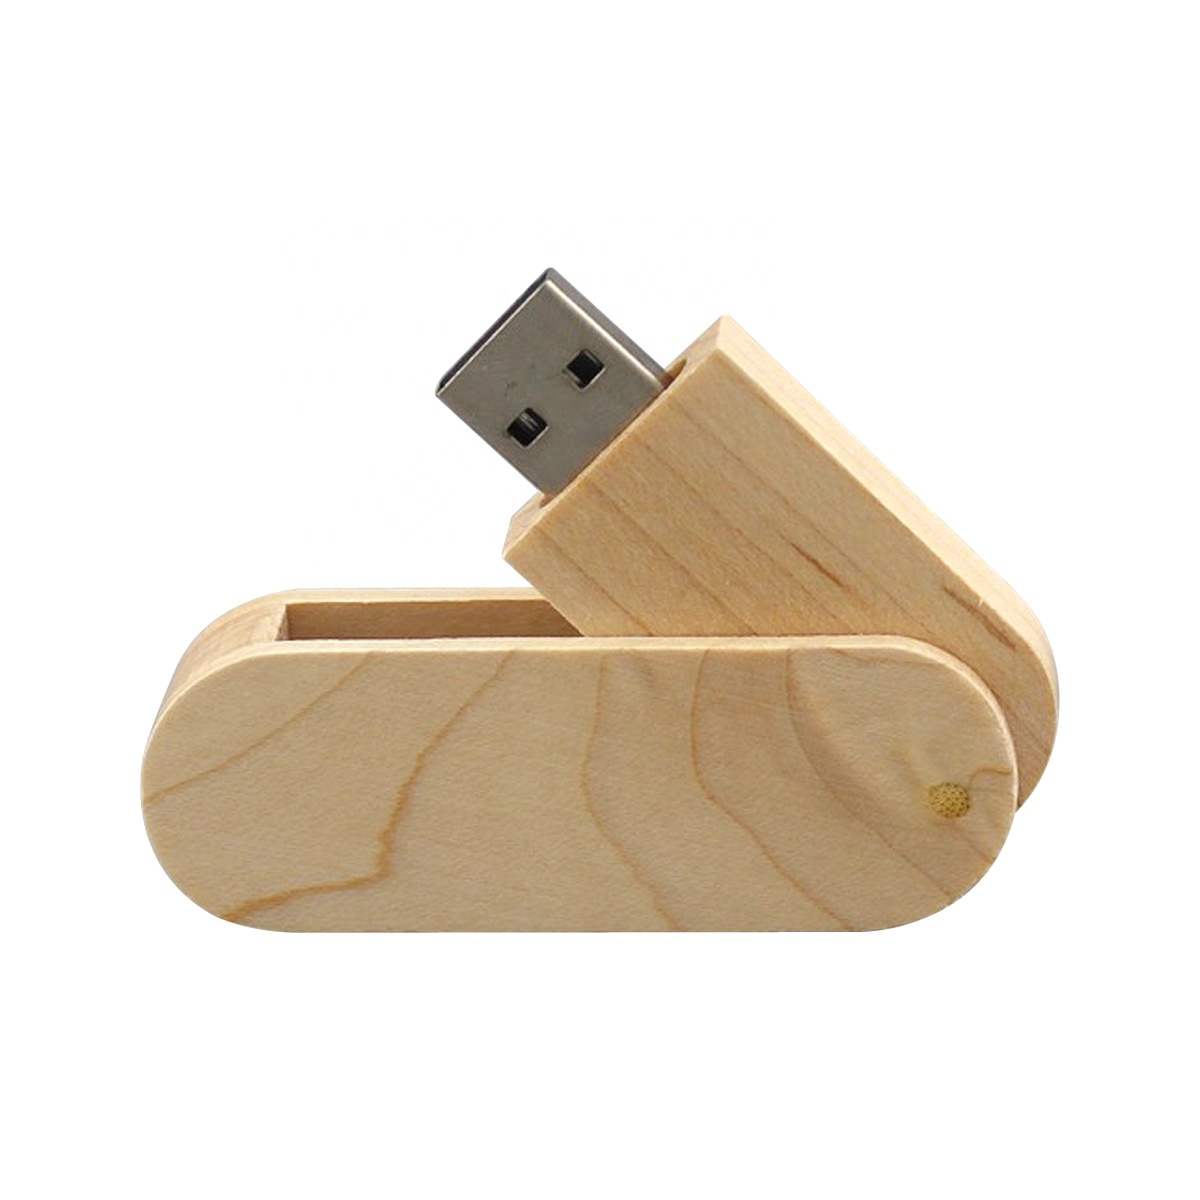 8GB, 16GB, 32GB, 64GB, 128GB Wood Swivel USB Stick USB3.0, USB2.0